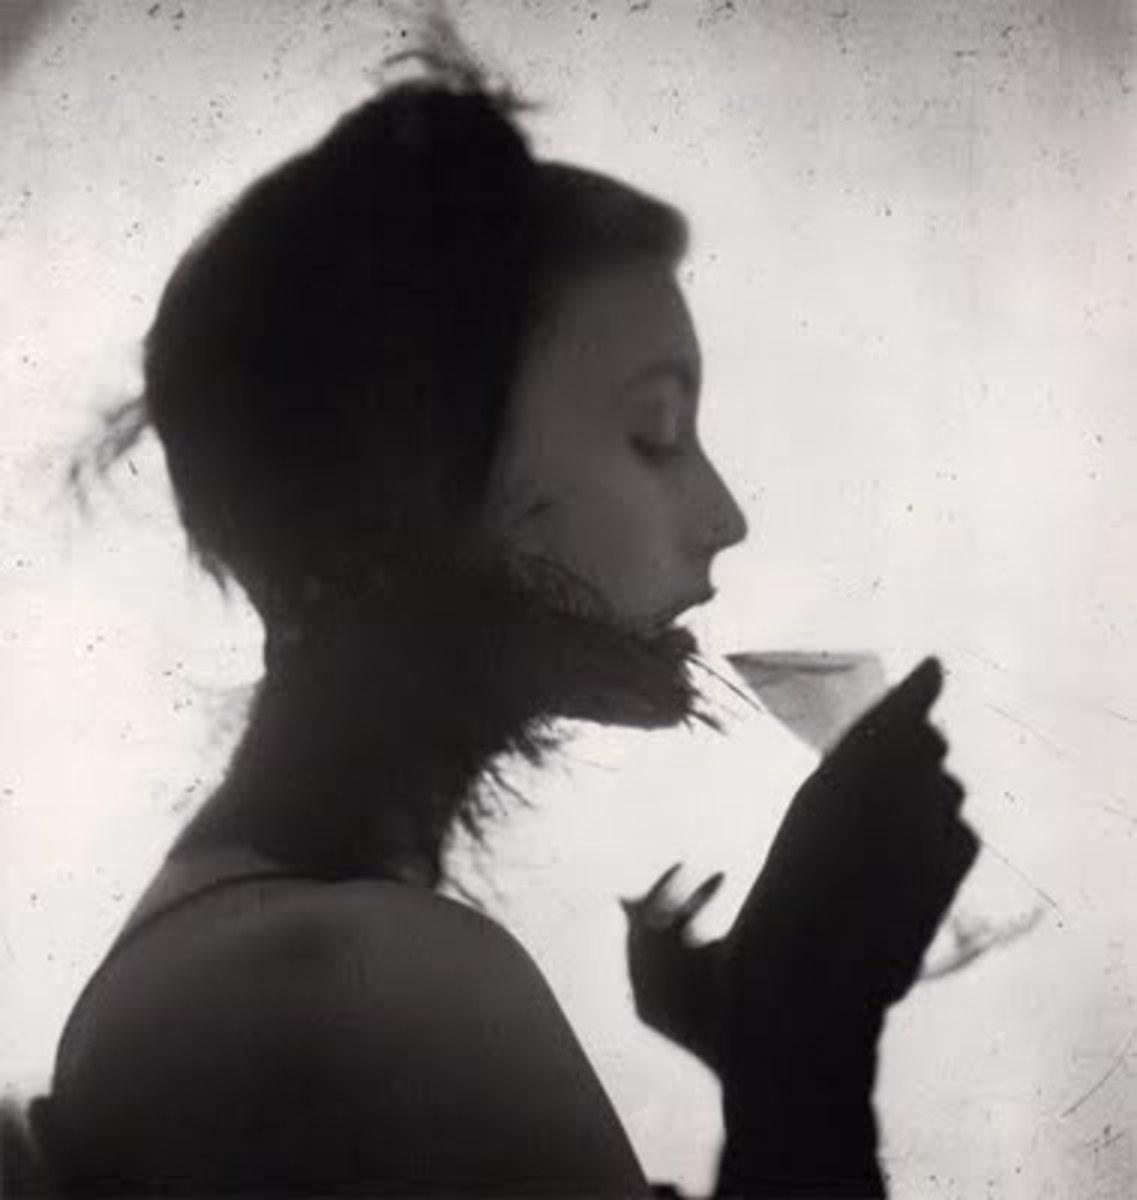 Girl Drinking, Irving Penn